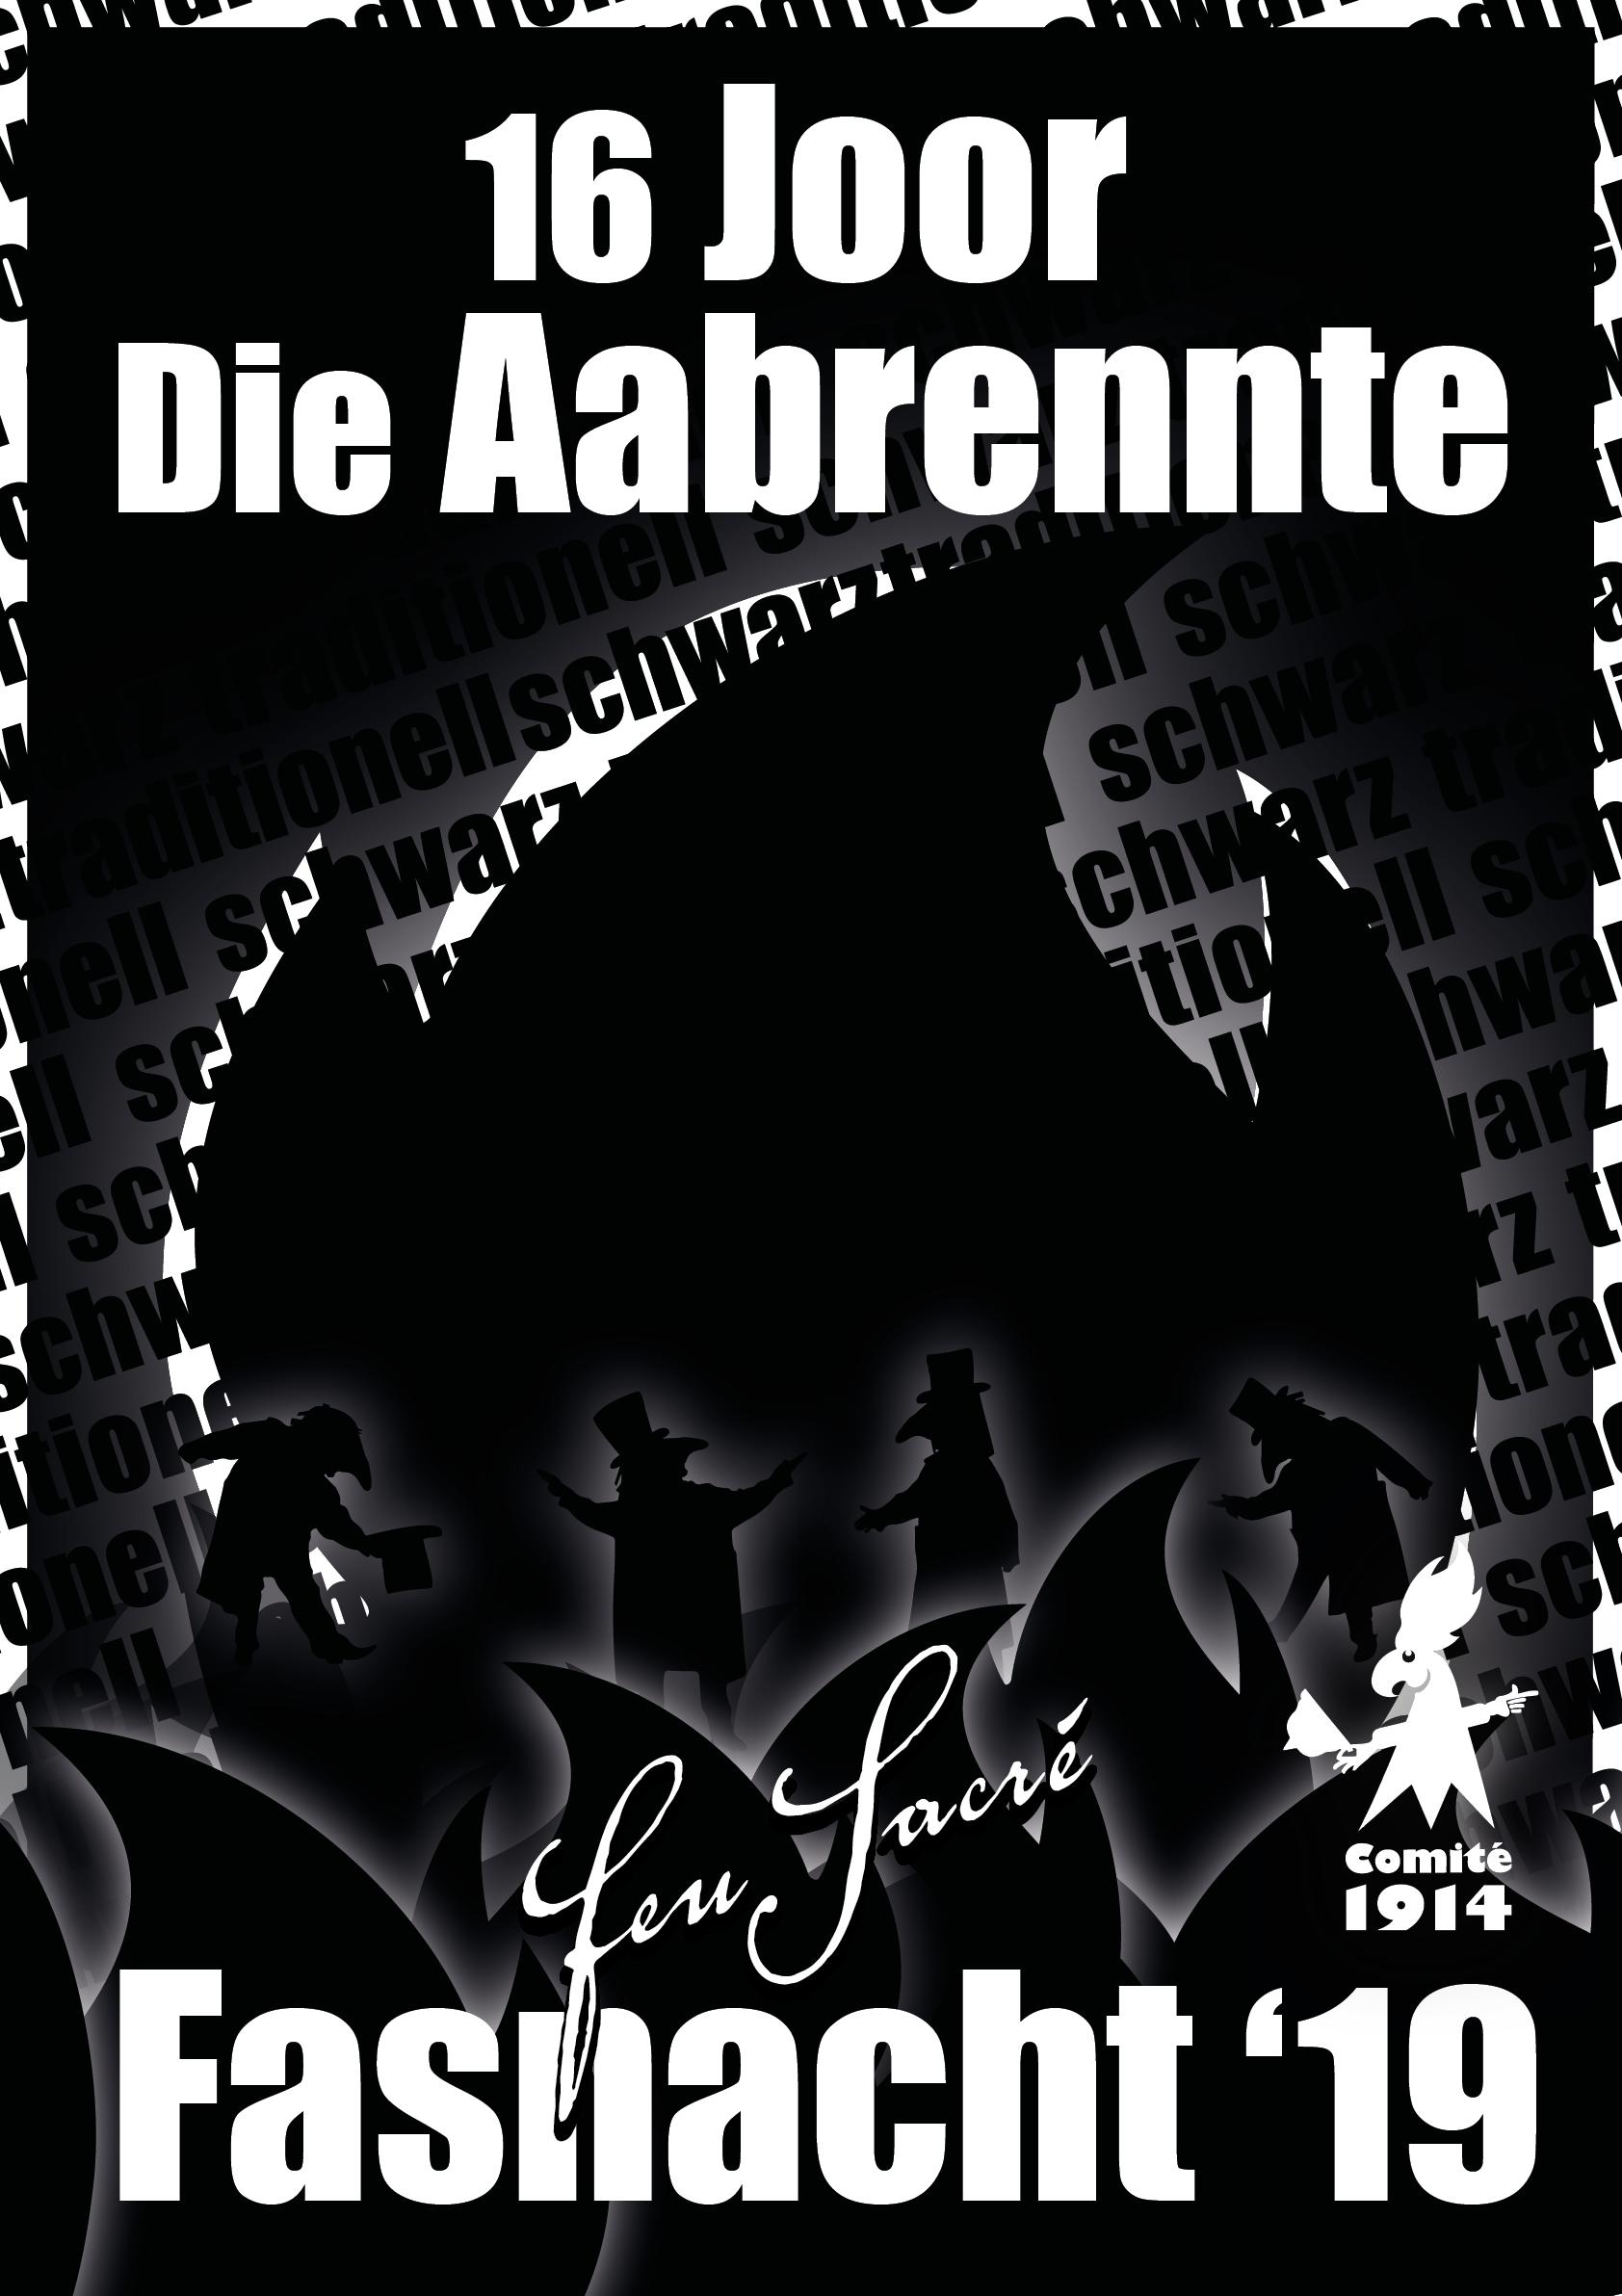 Die _Aabrennte_Schnitzelangg_Helge_Fasnacht_2019.png